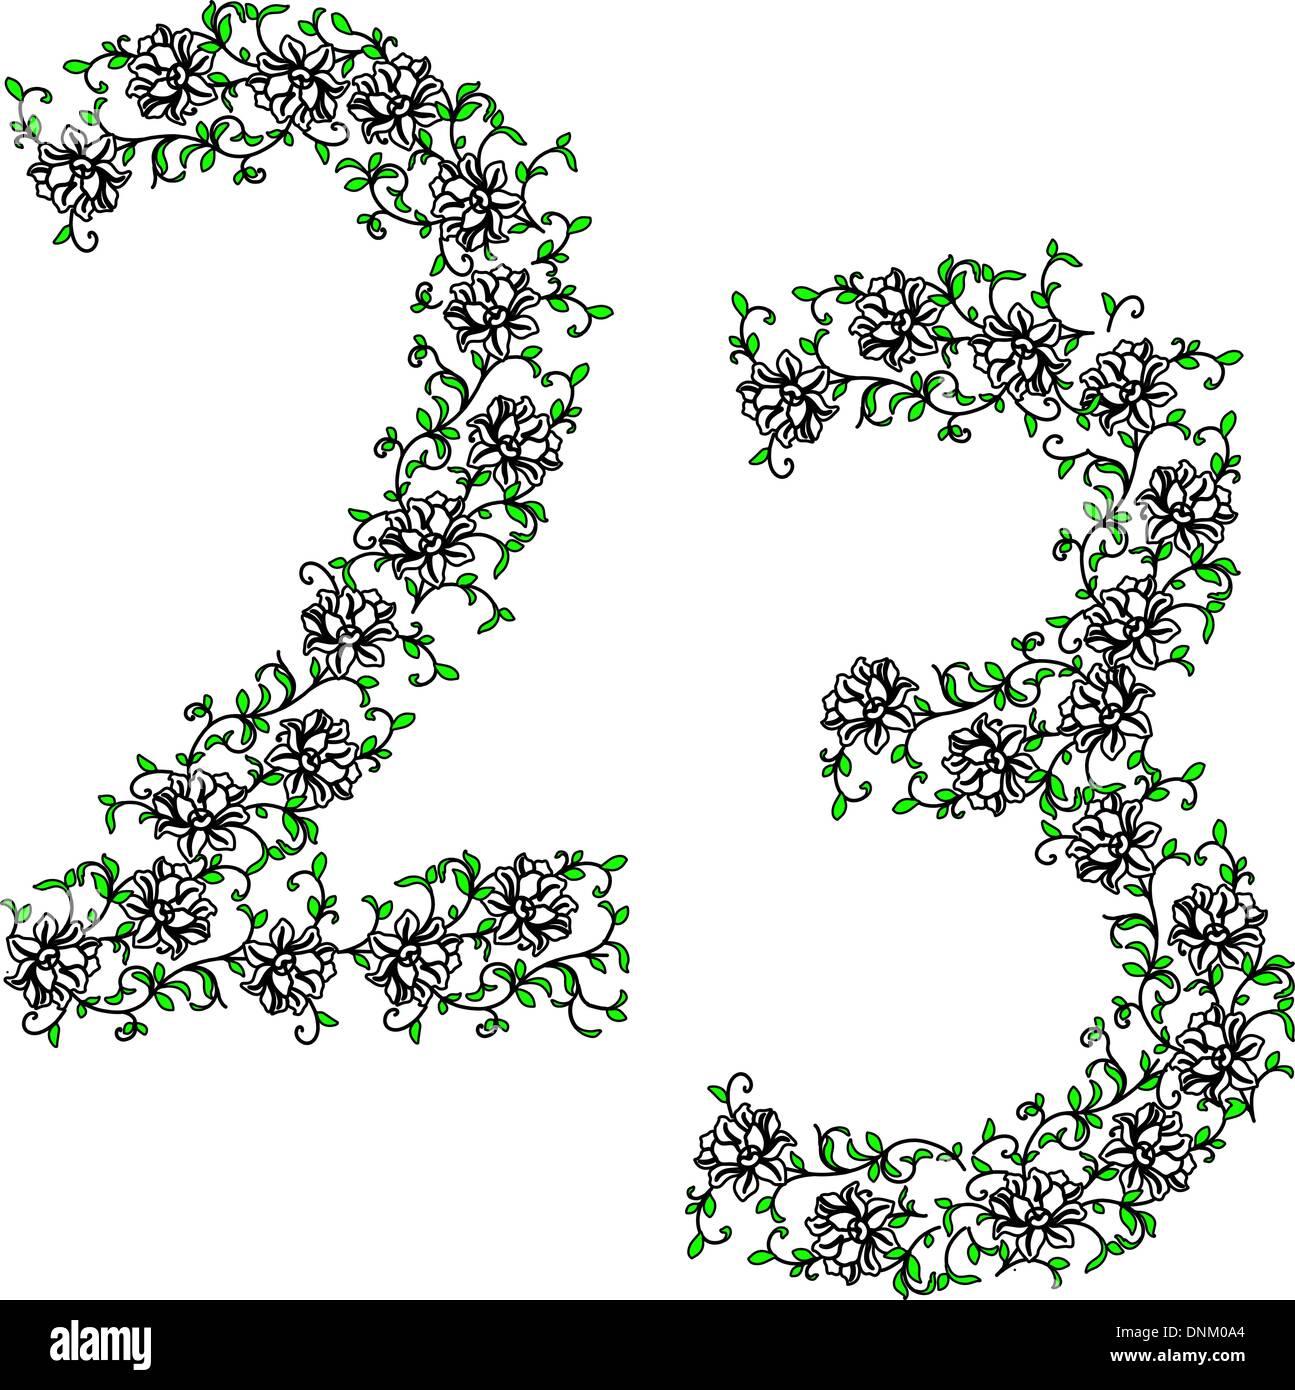 Disegno a mano alfabeto ornamentali. Lettera 23 Immagini Stock